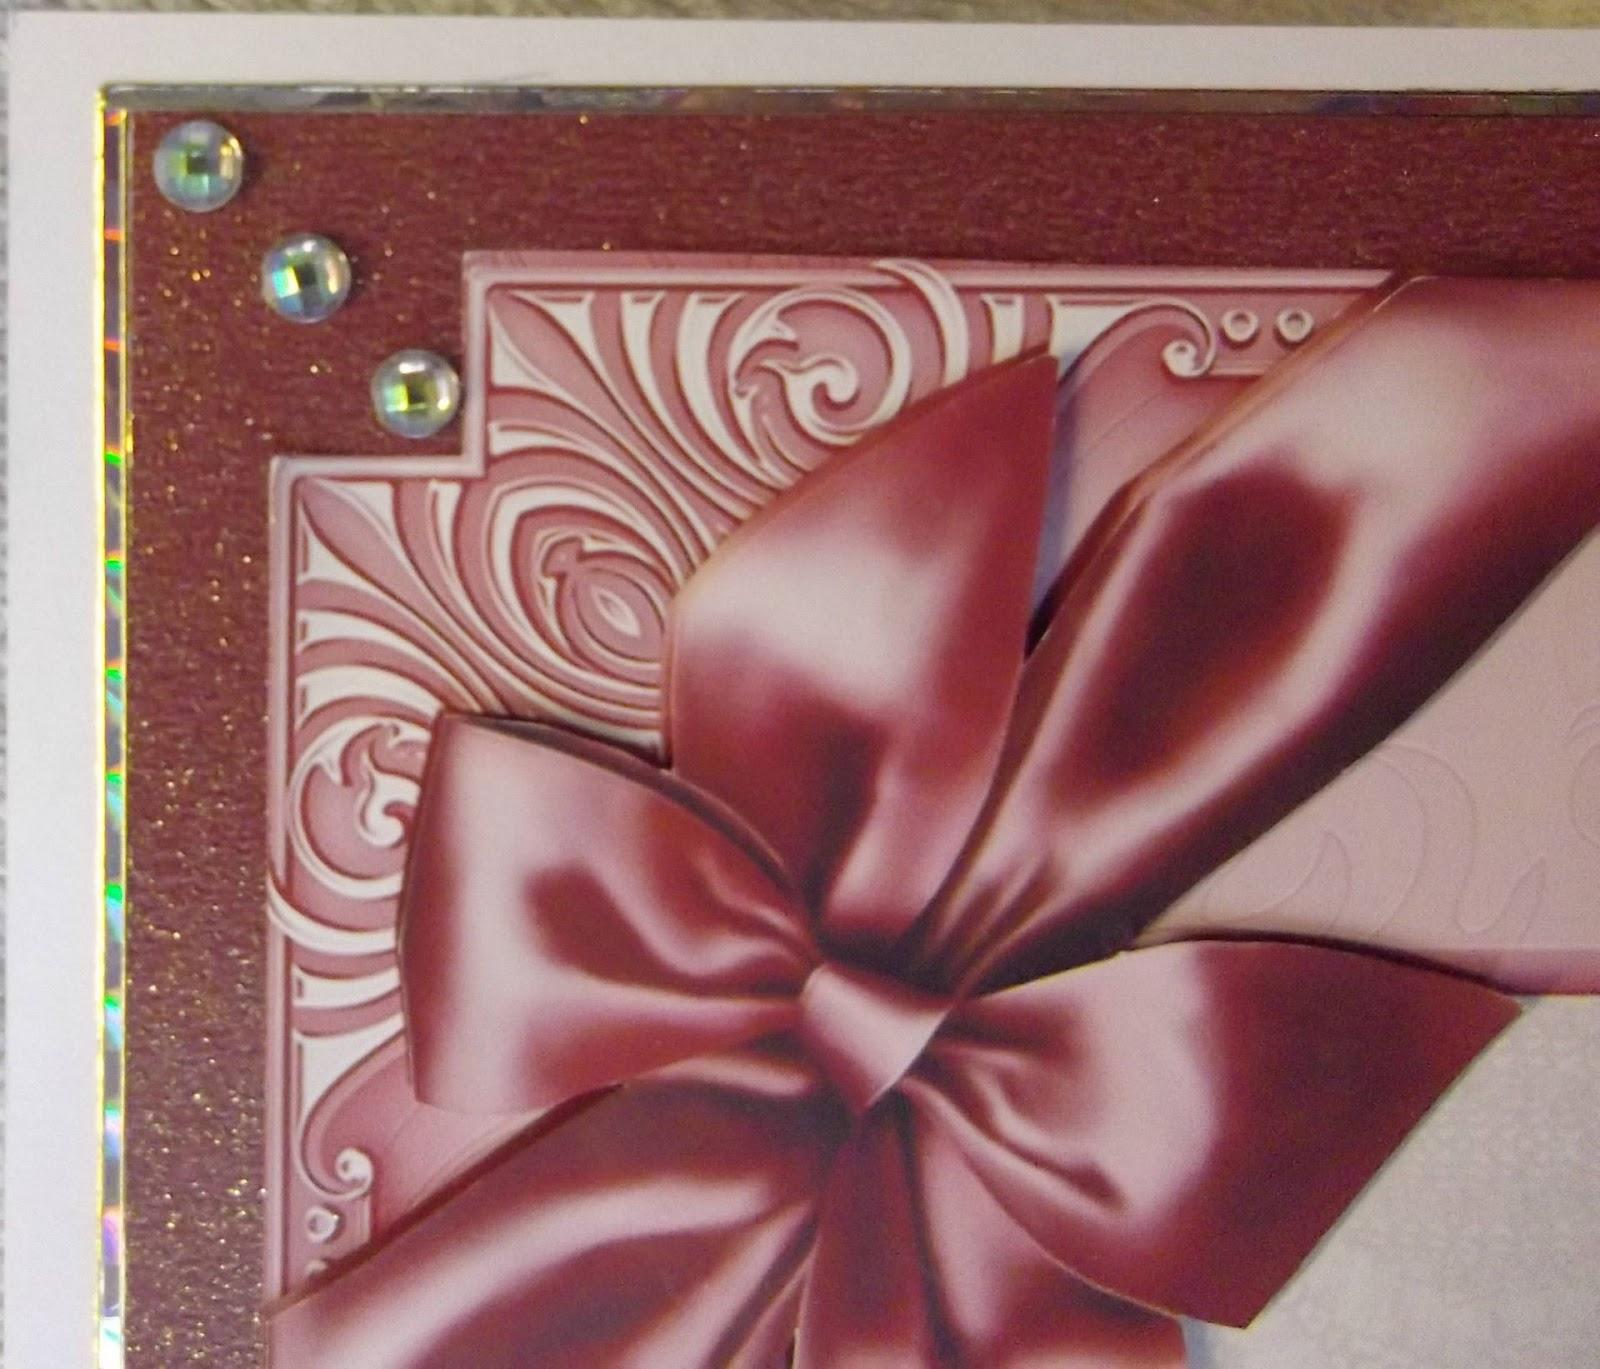 http://4.bp.blogspot.com/-HJQe5BKwWrM/T15FBaTo_1I/AAAAAAAAbSM/8tasdflSlkY/s1600/Rose+%2526+Butterfly+d.JPG